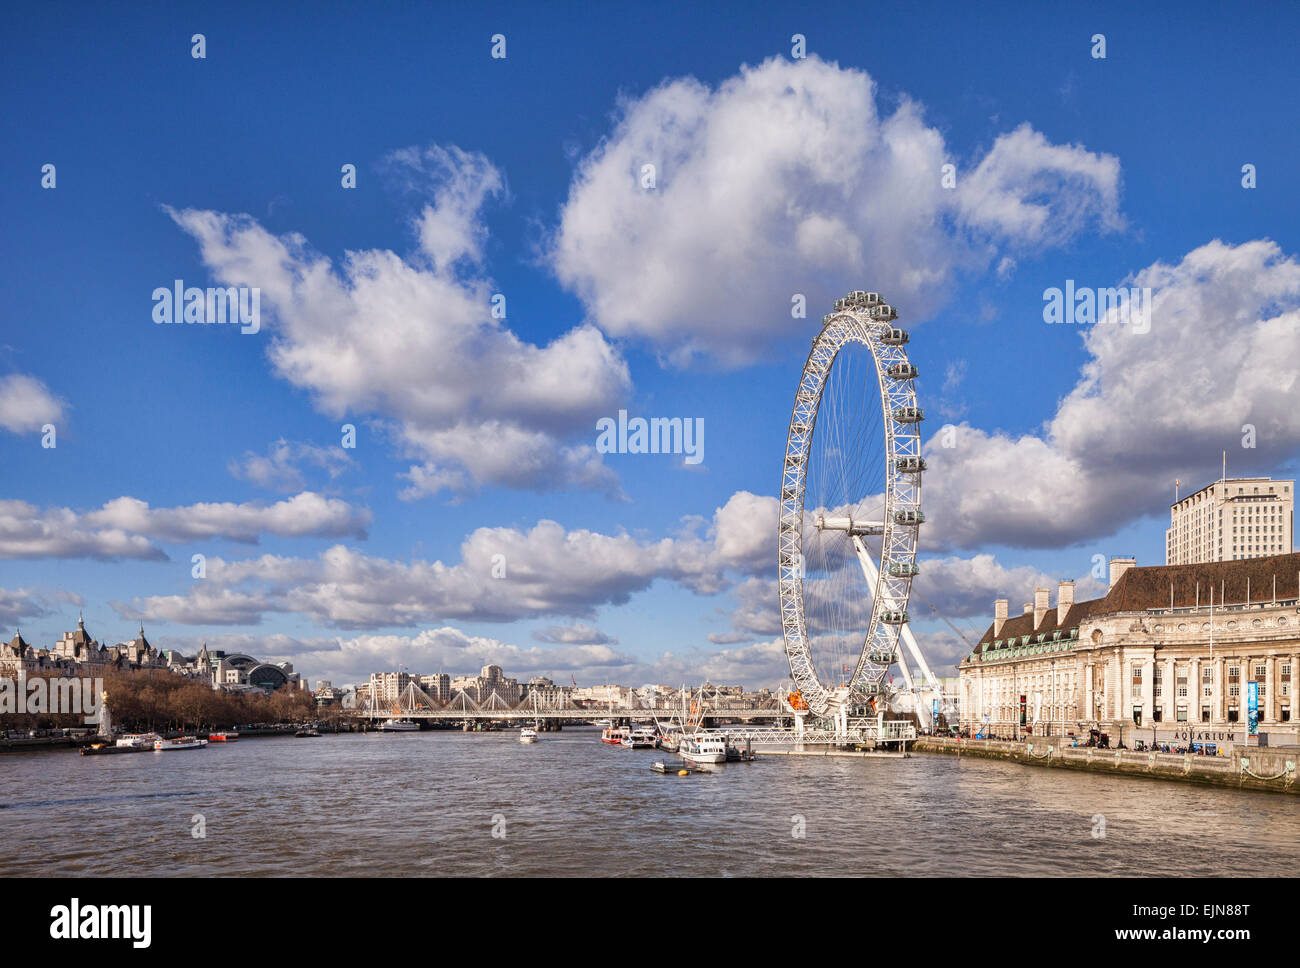 Vue de la Tamise en aval du pont de Westminster au Millenium Bridge, London Eye et le County Hall. l'Oeil de Photo Stock